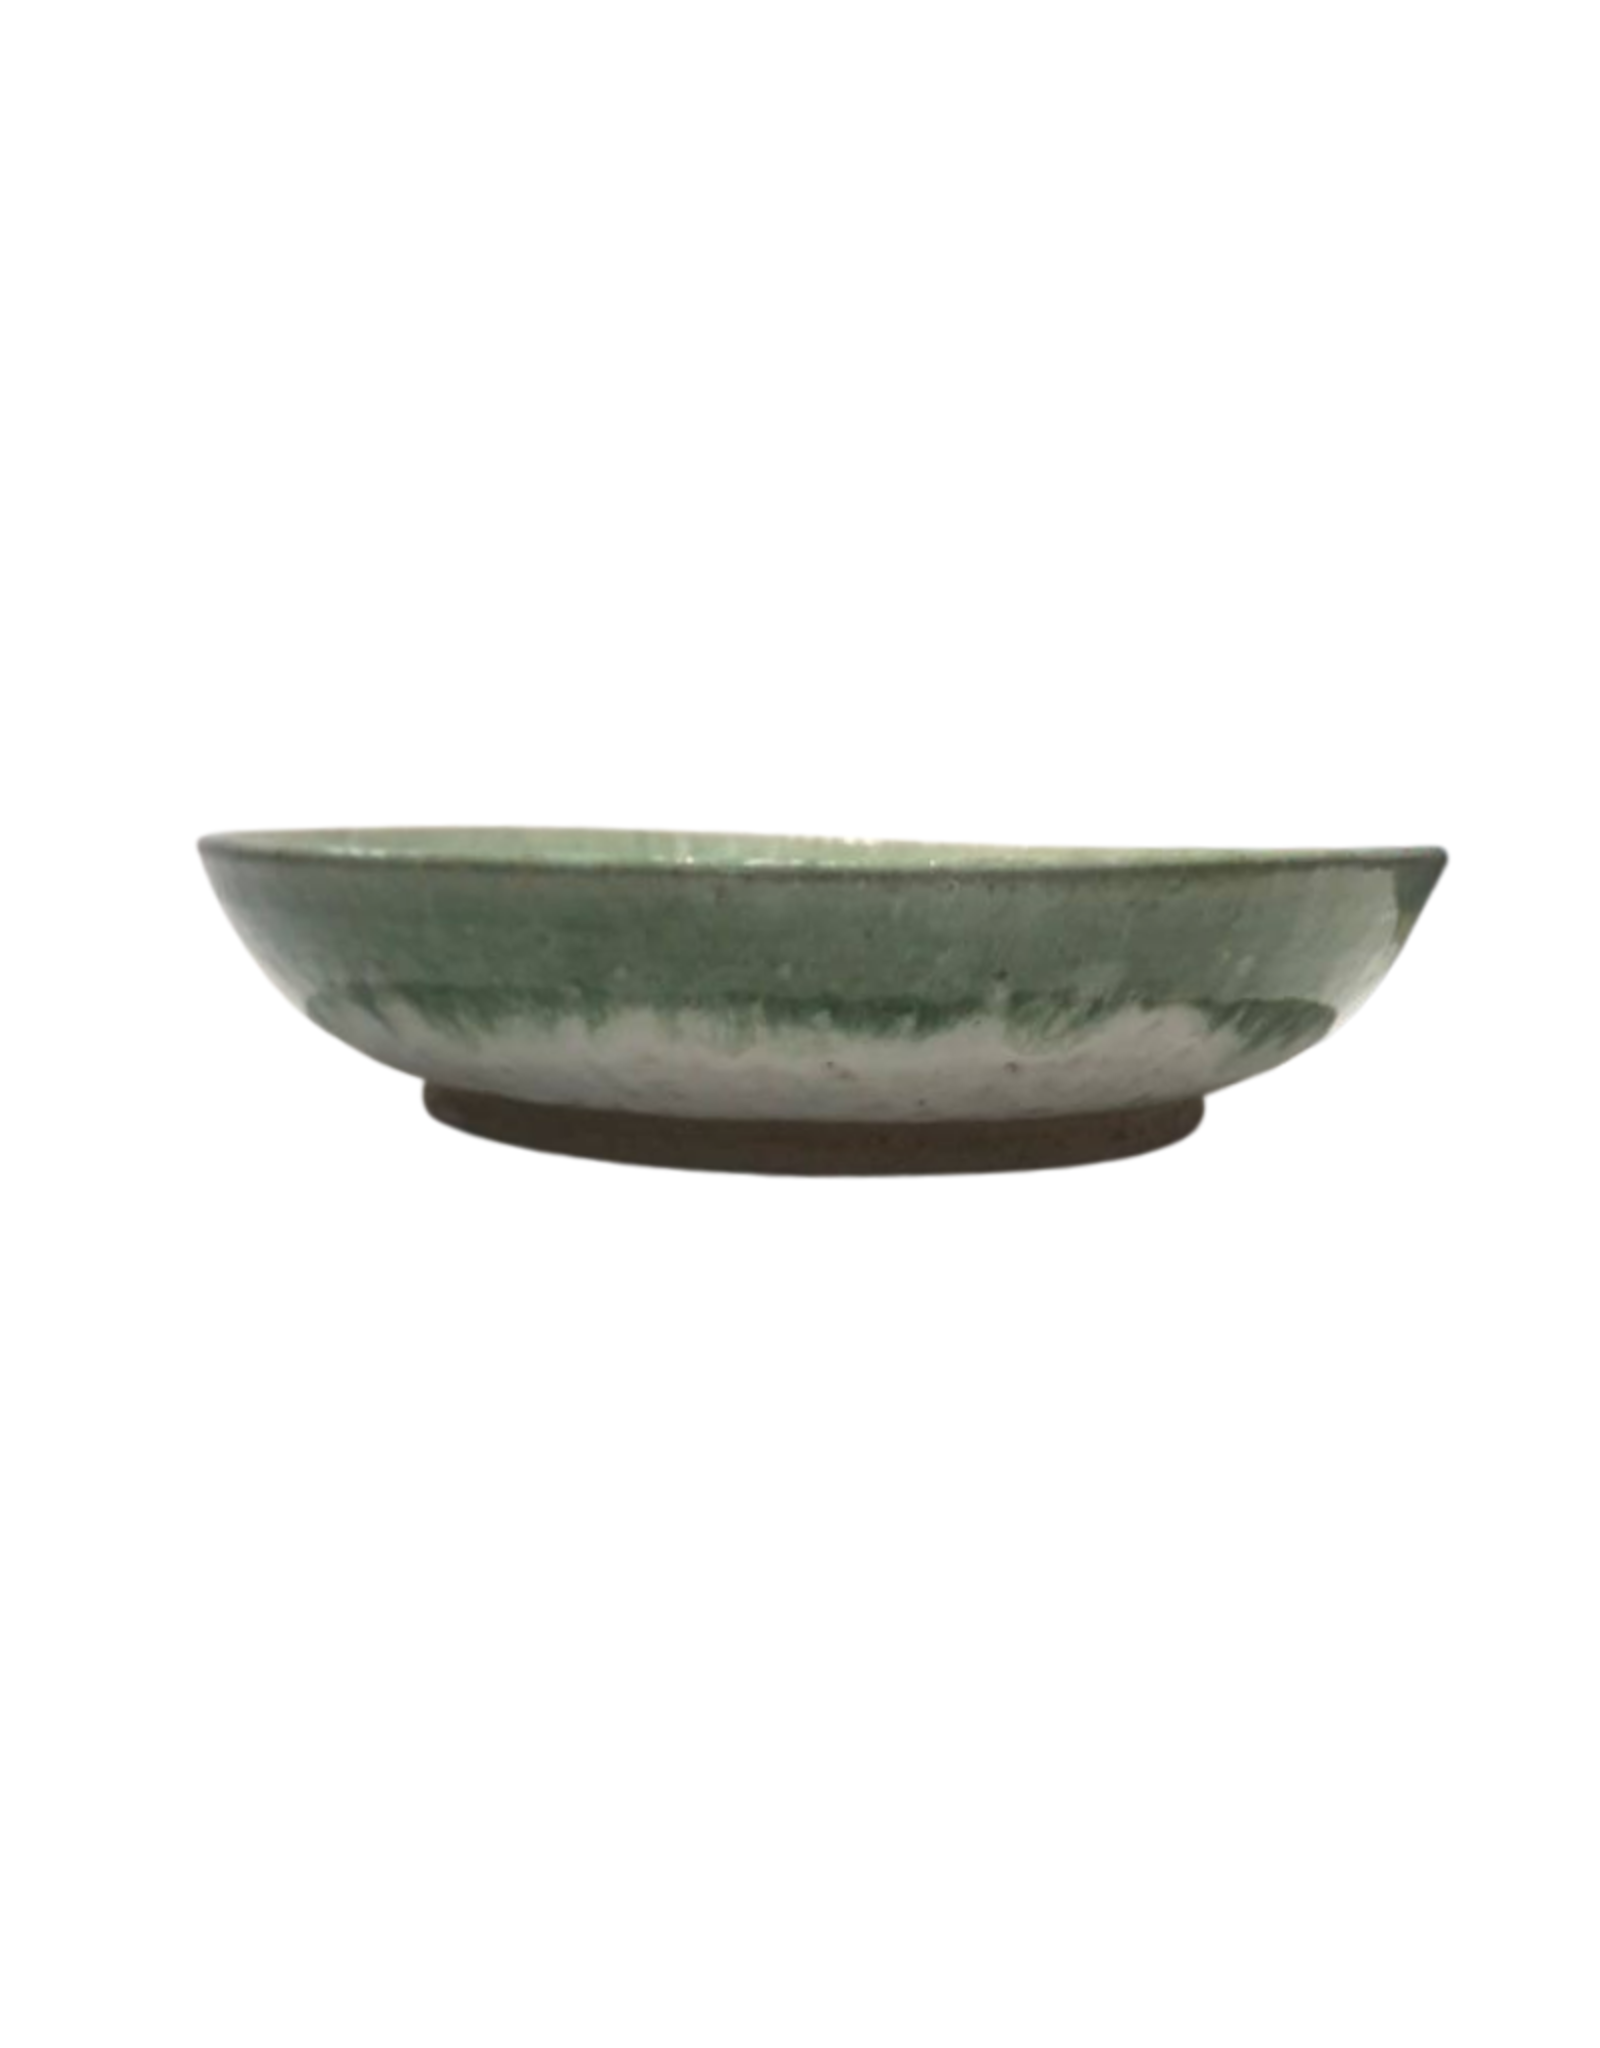 Bowl Ceramic Cream/Green Large